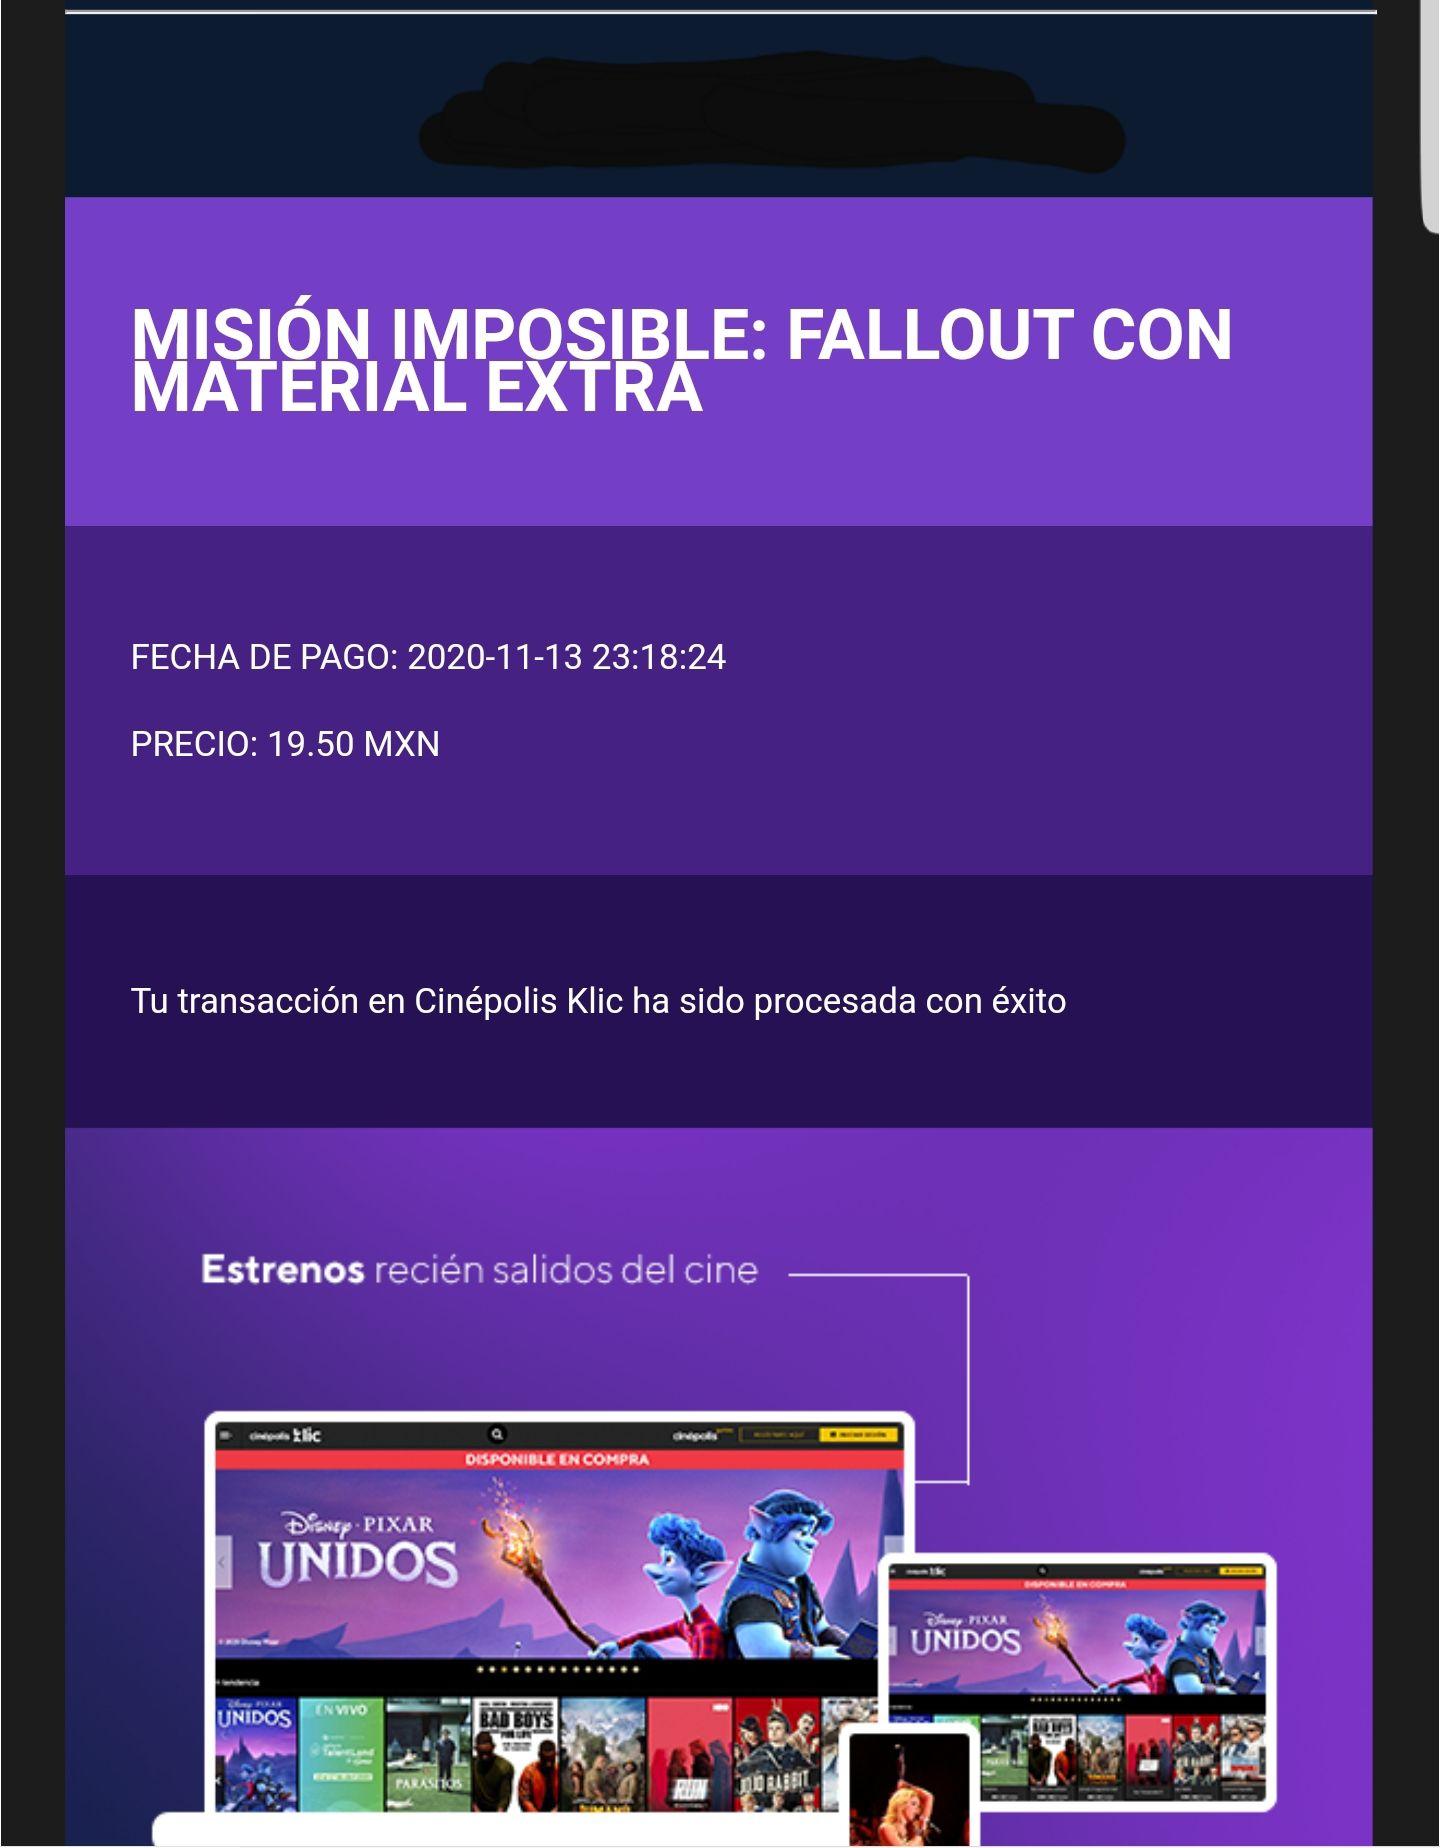 Cinépolis klic: misión imposible Fallout